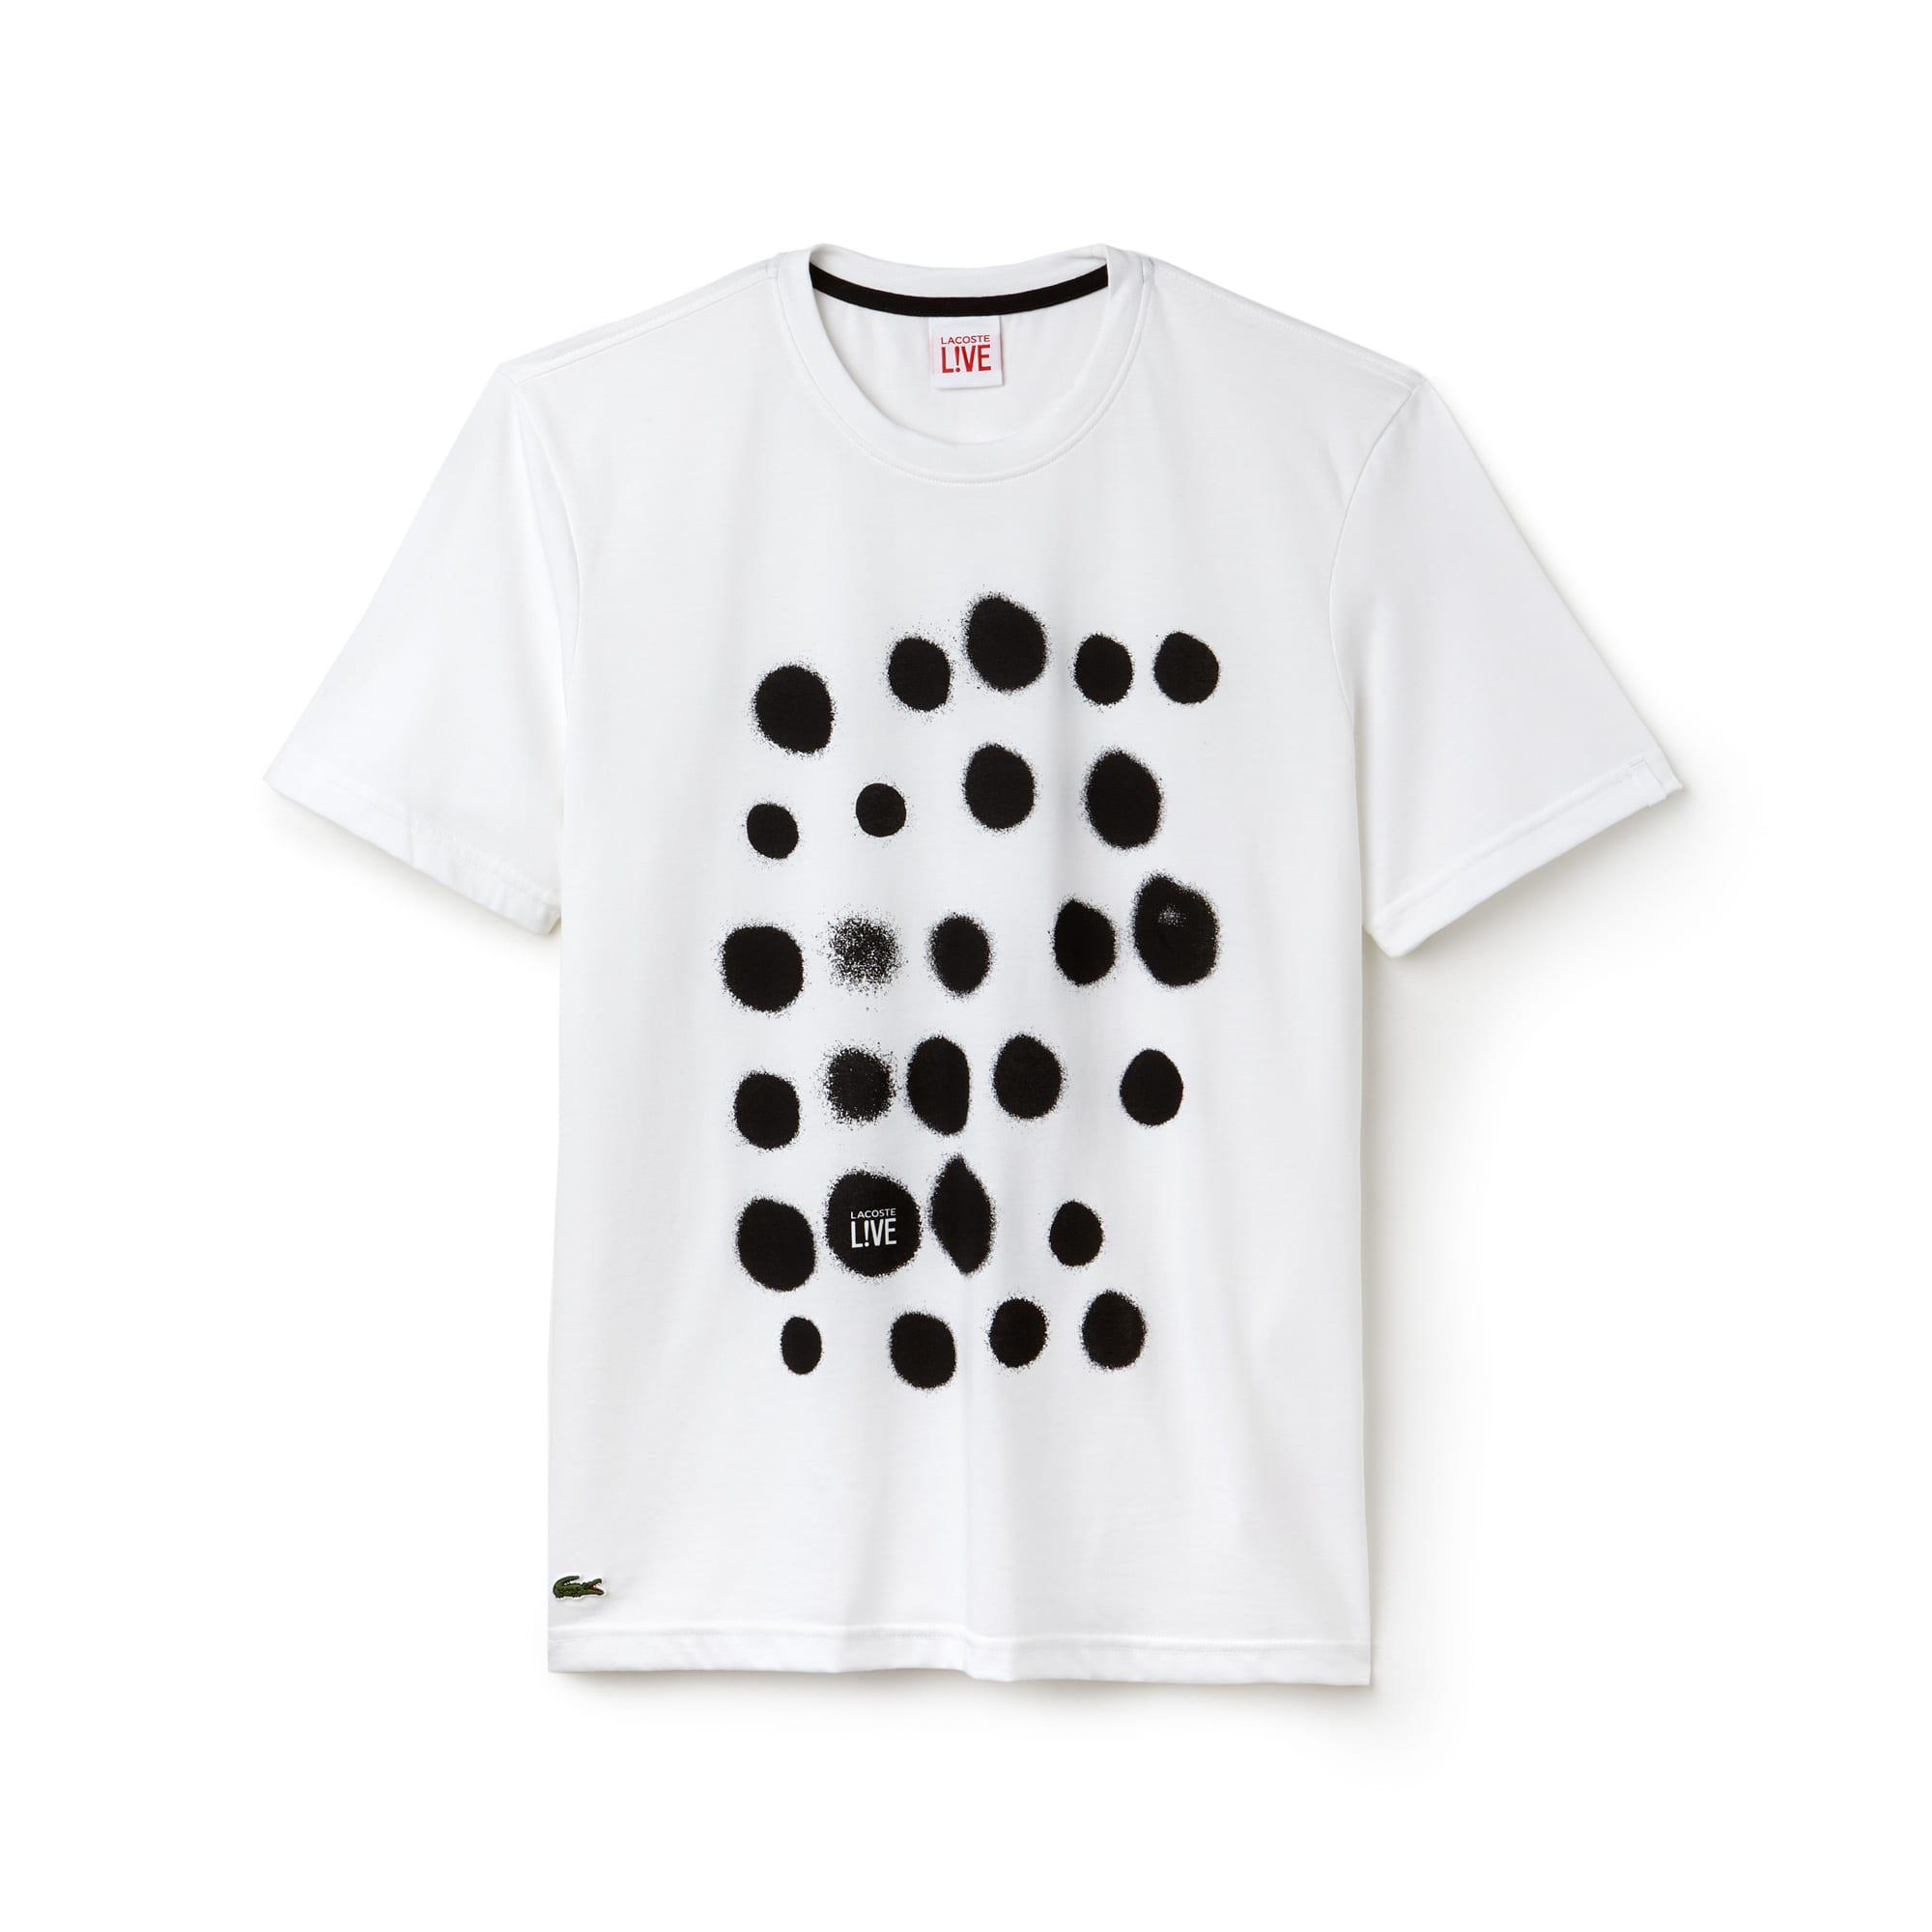 T-shirt a girocollo Lacoste LIVE in jersey con stampa a macchie di vernice